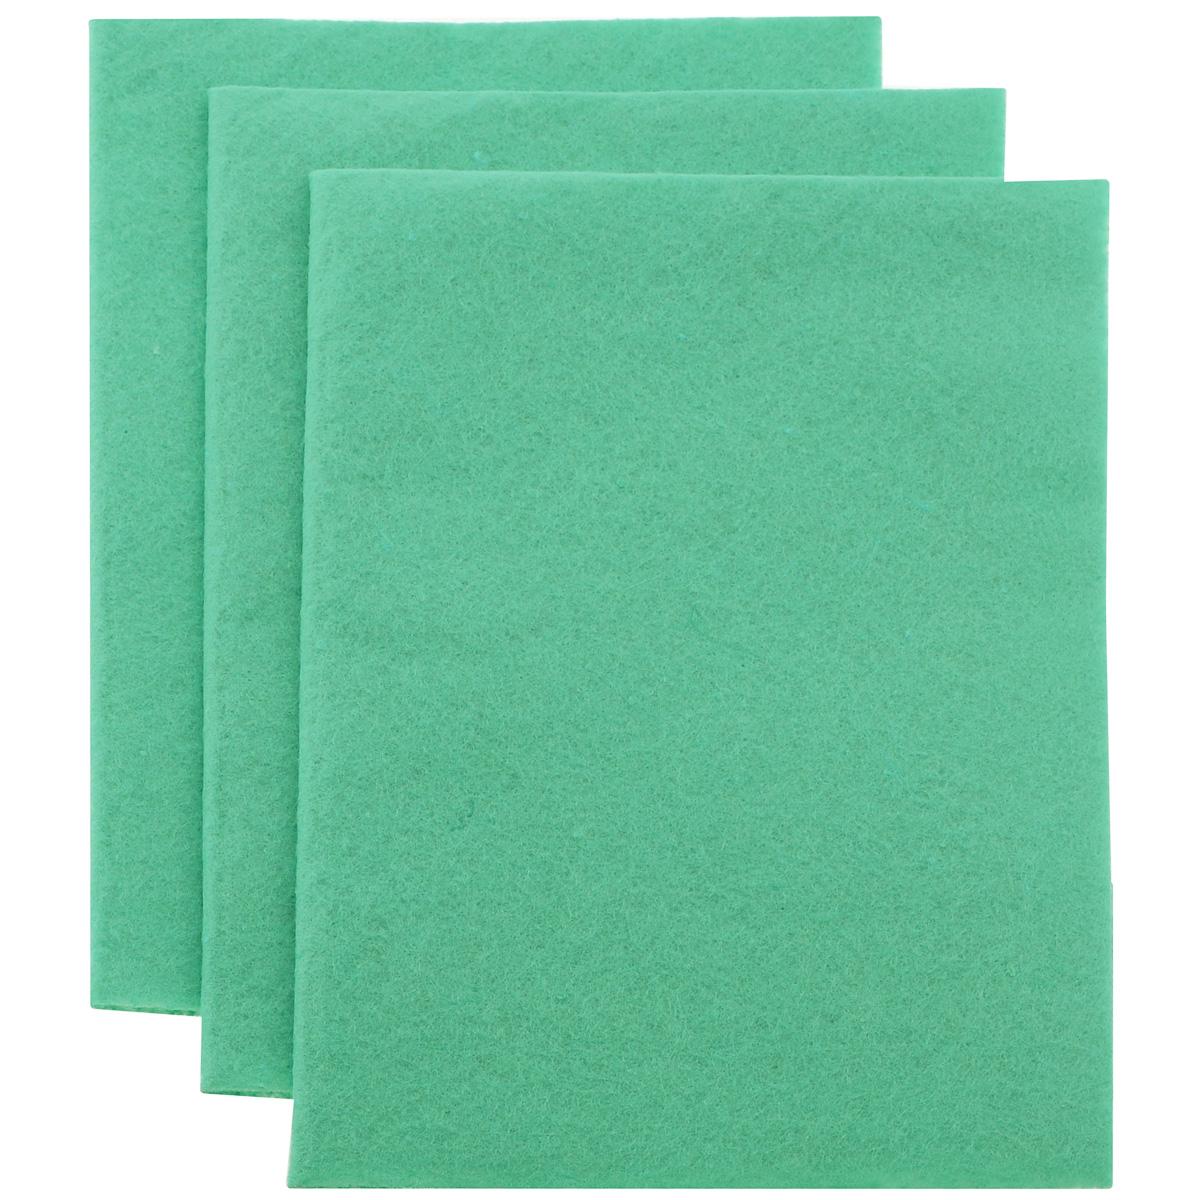 Салфетка для уборки Home Queen, цвет в ассортименте, 30 см х 38 см, 3 шт набор форм для запекания home queen диаметр 18 5 см 3 шт